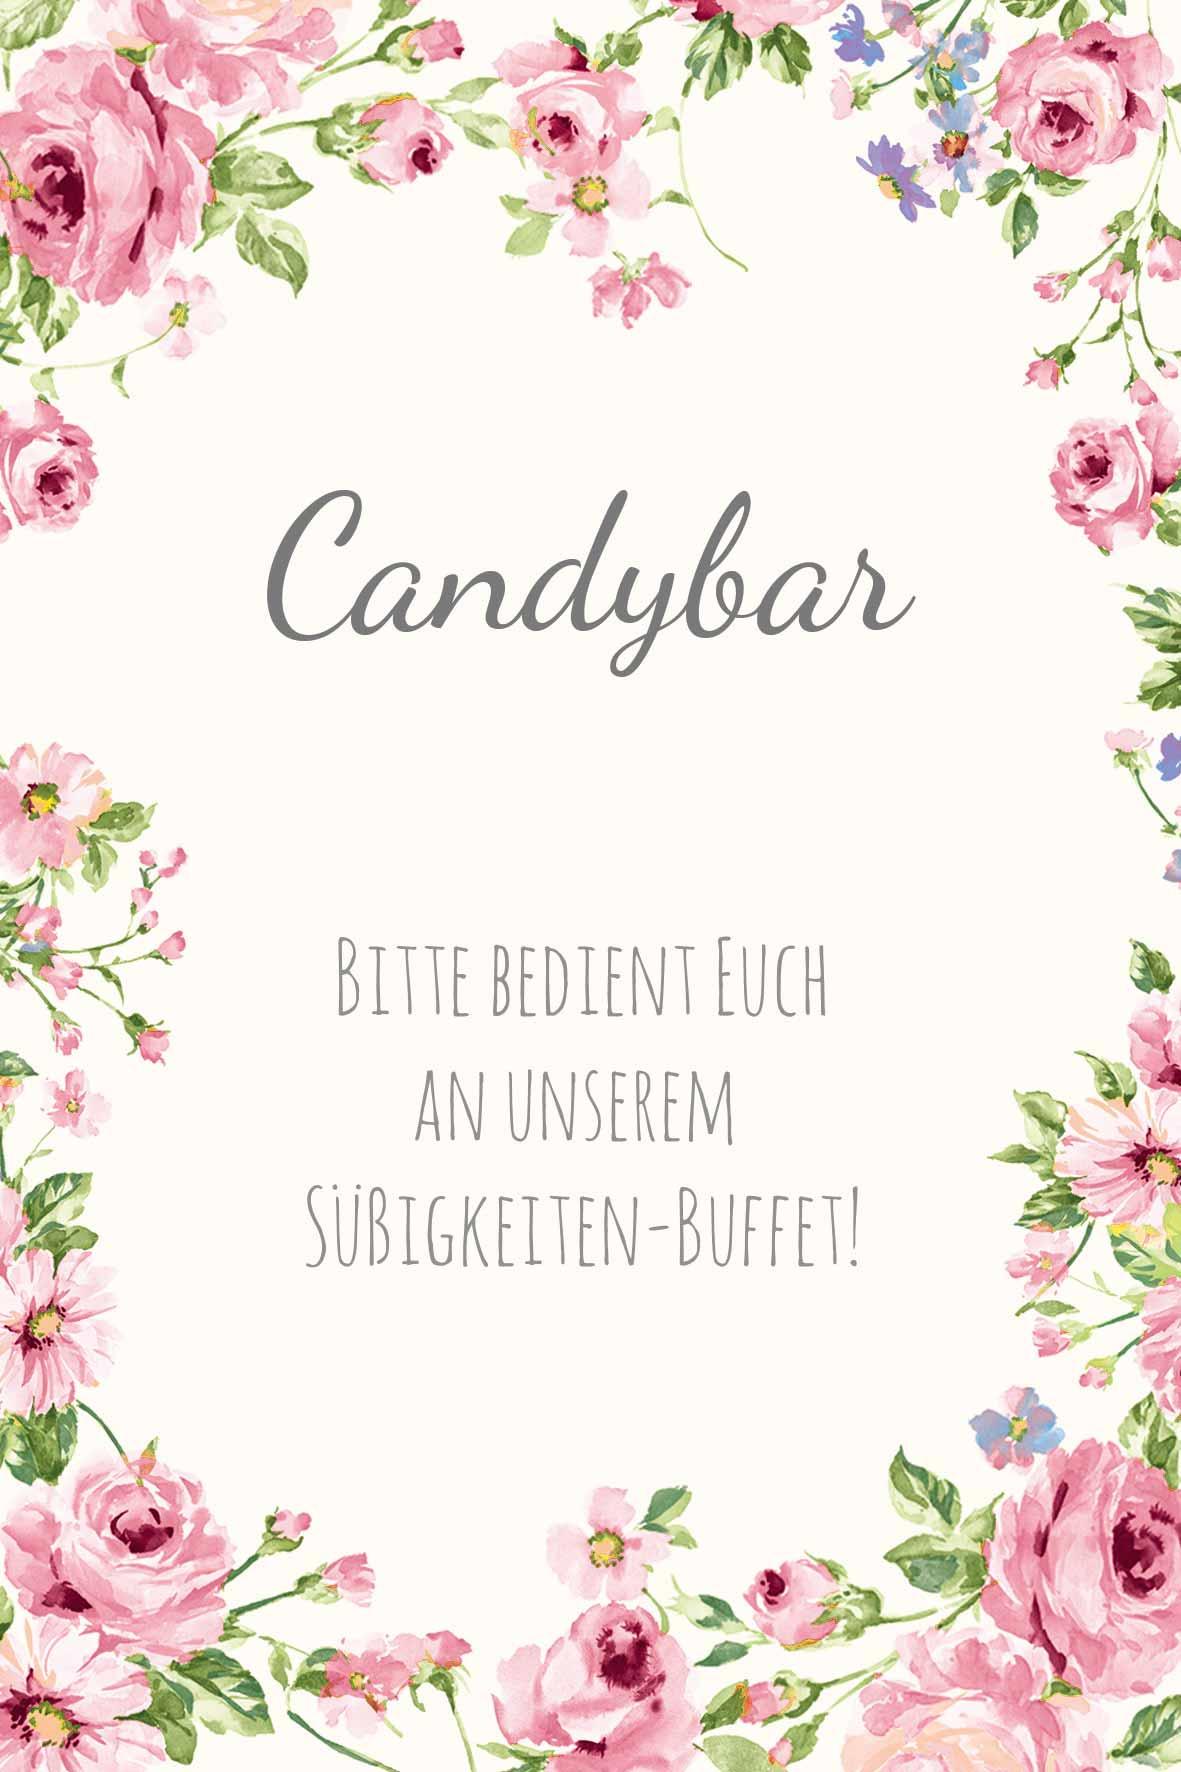 Schild im blumigen Design als Vorlage für die Hochzeit: Candybar